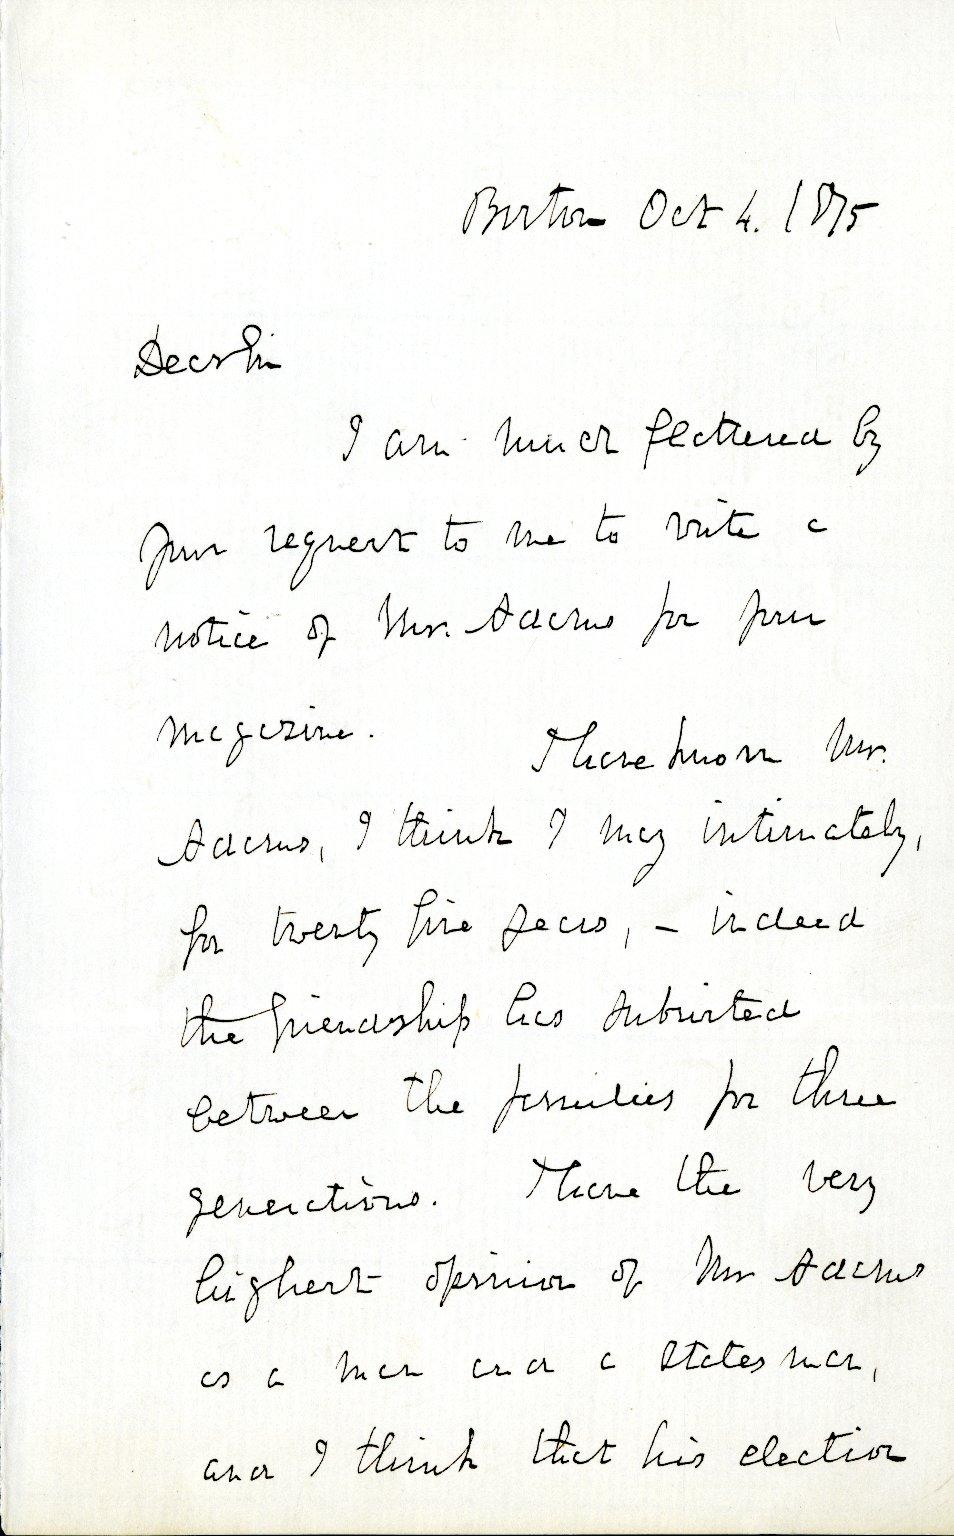 Dana, Richard H., Jr. ALS, 3 pages, October 4, 1875.